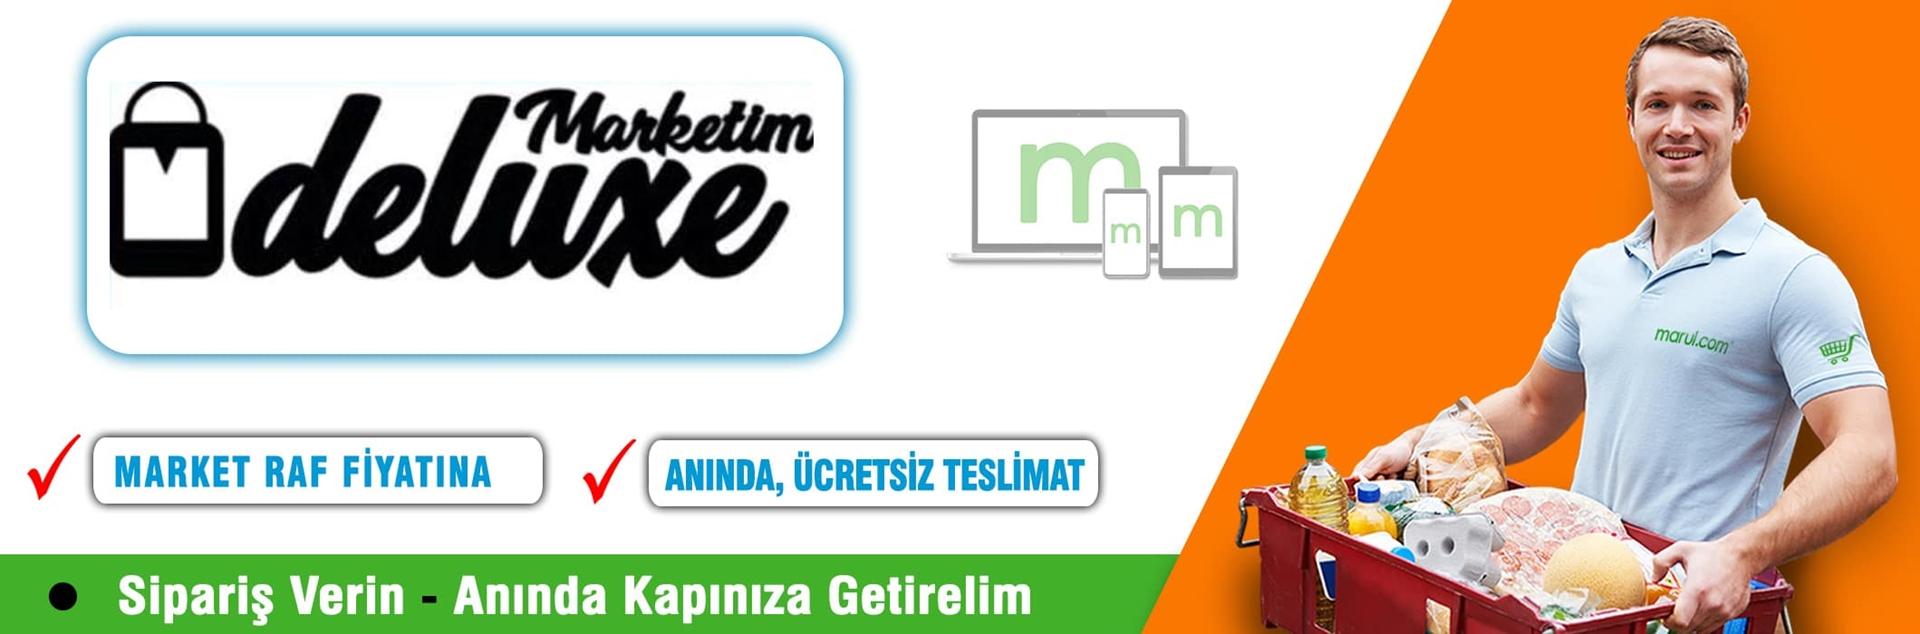 samsun marketim deluxe online market alışverişi